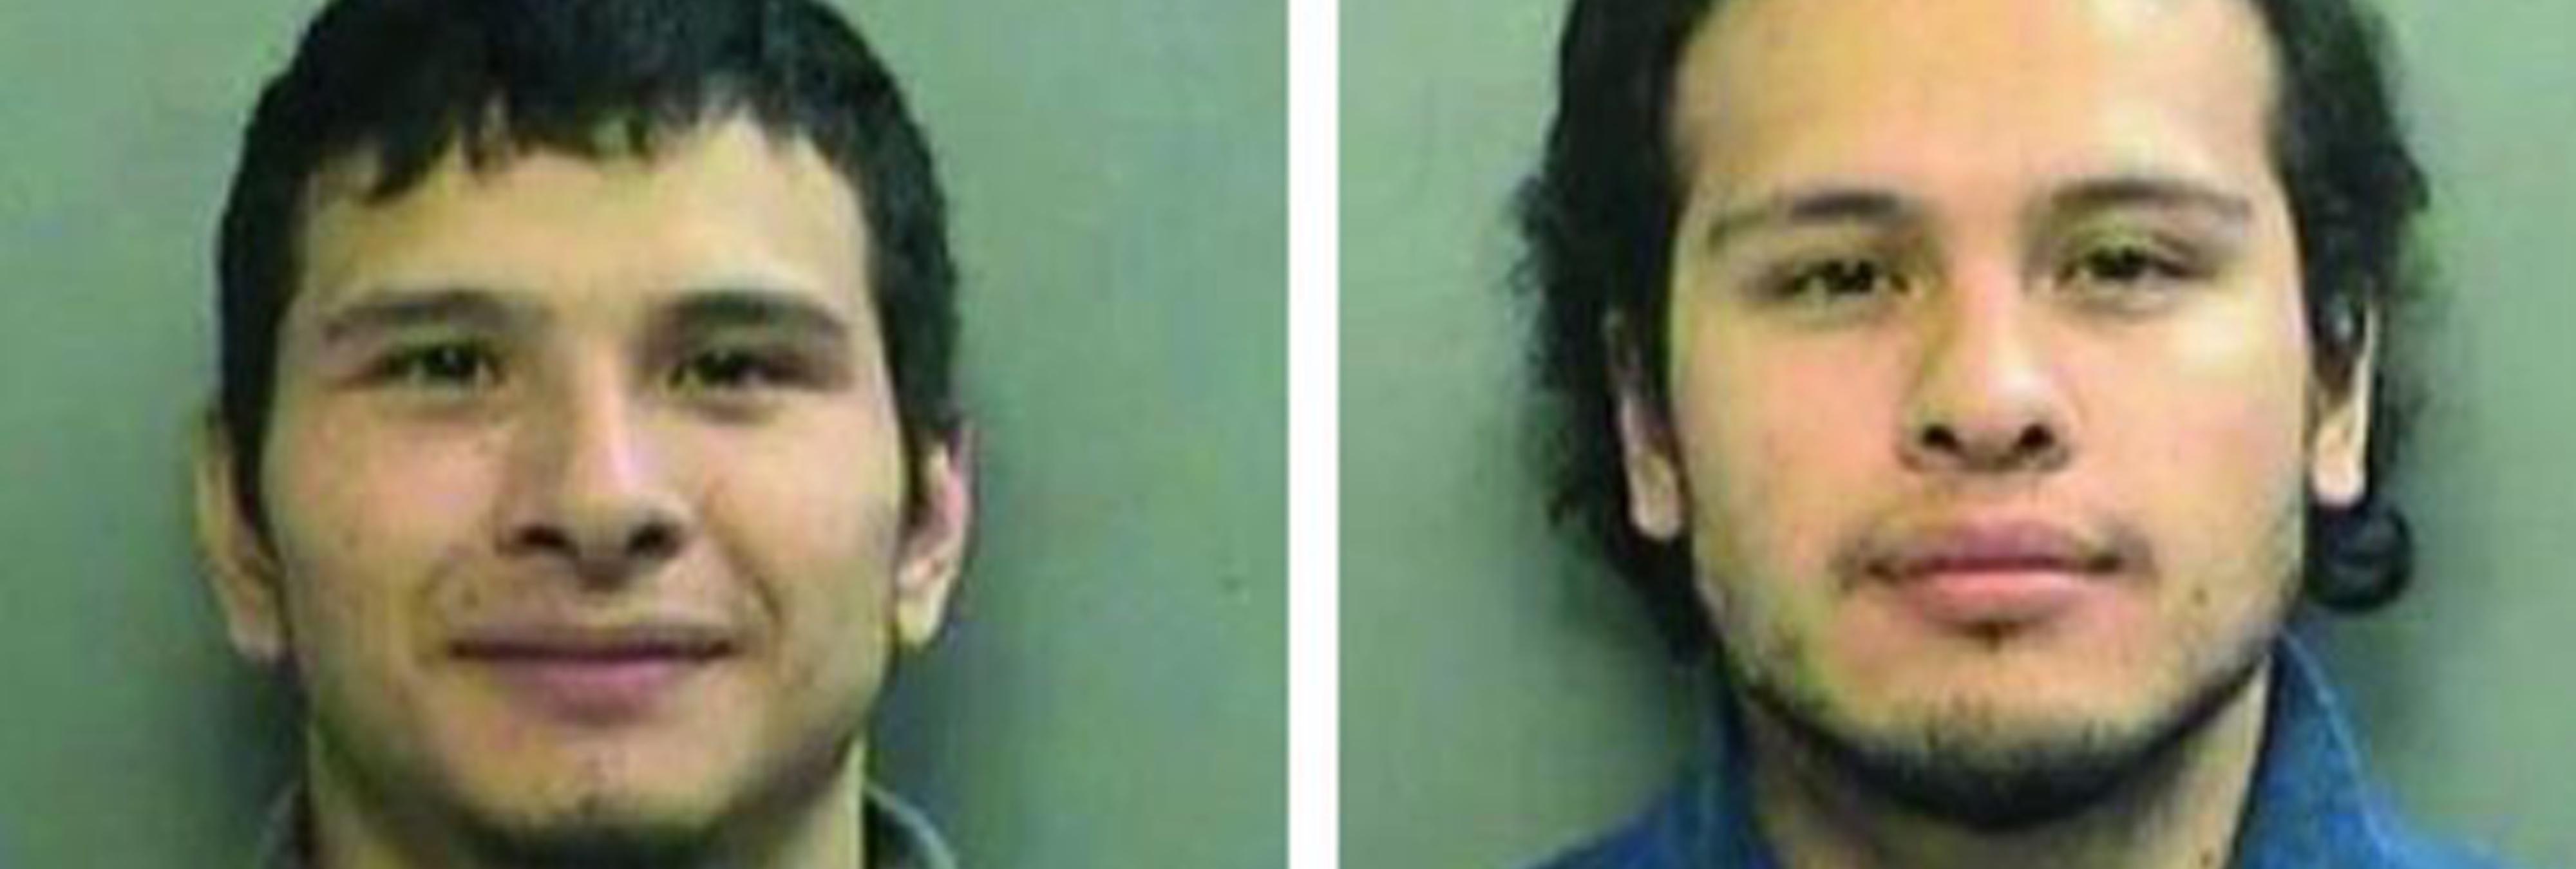 El fiscal de Nueva York pide cadena perpetua para los sobrinos de Maduro por narcotráfico